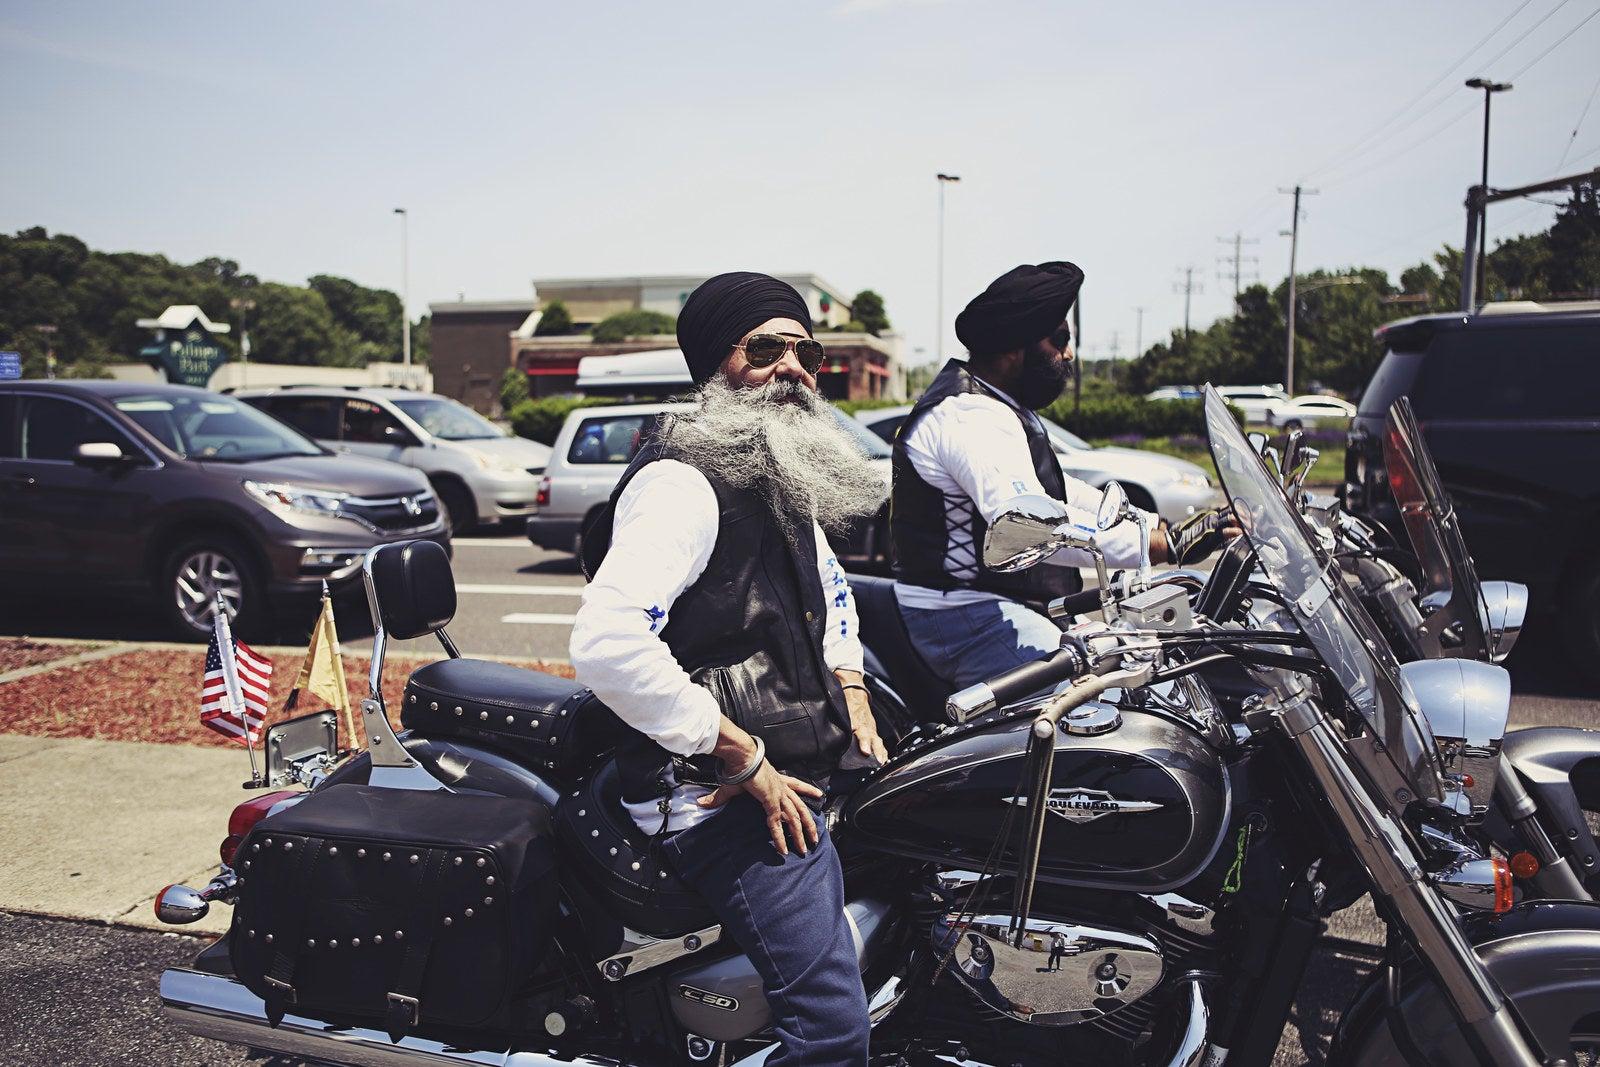 Sikh Rider